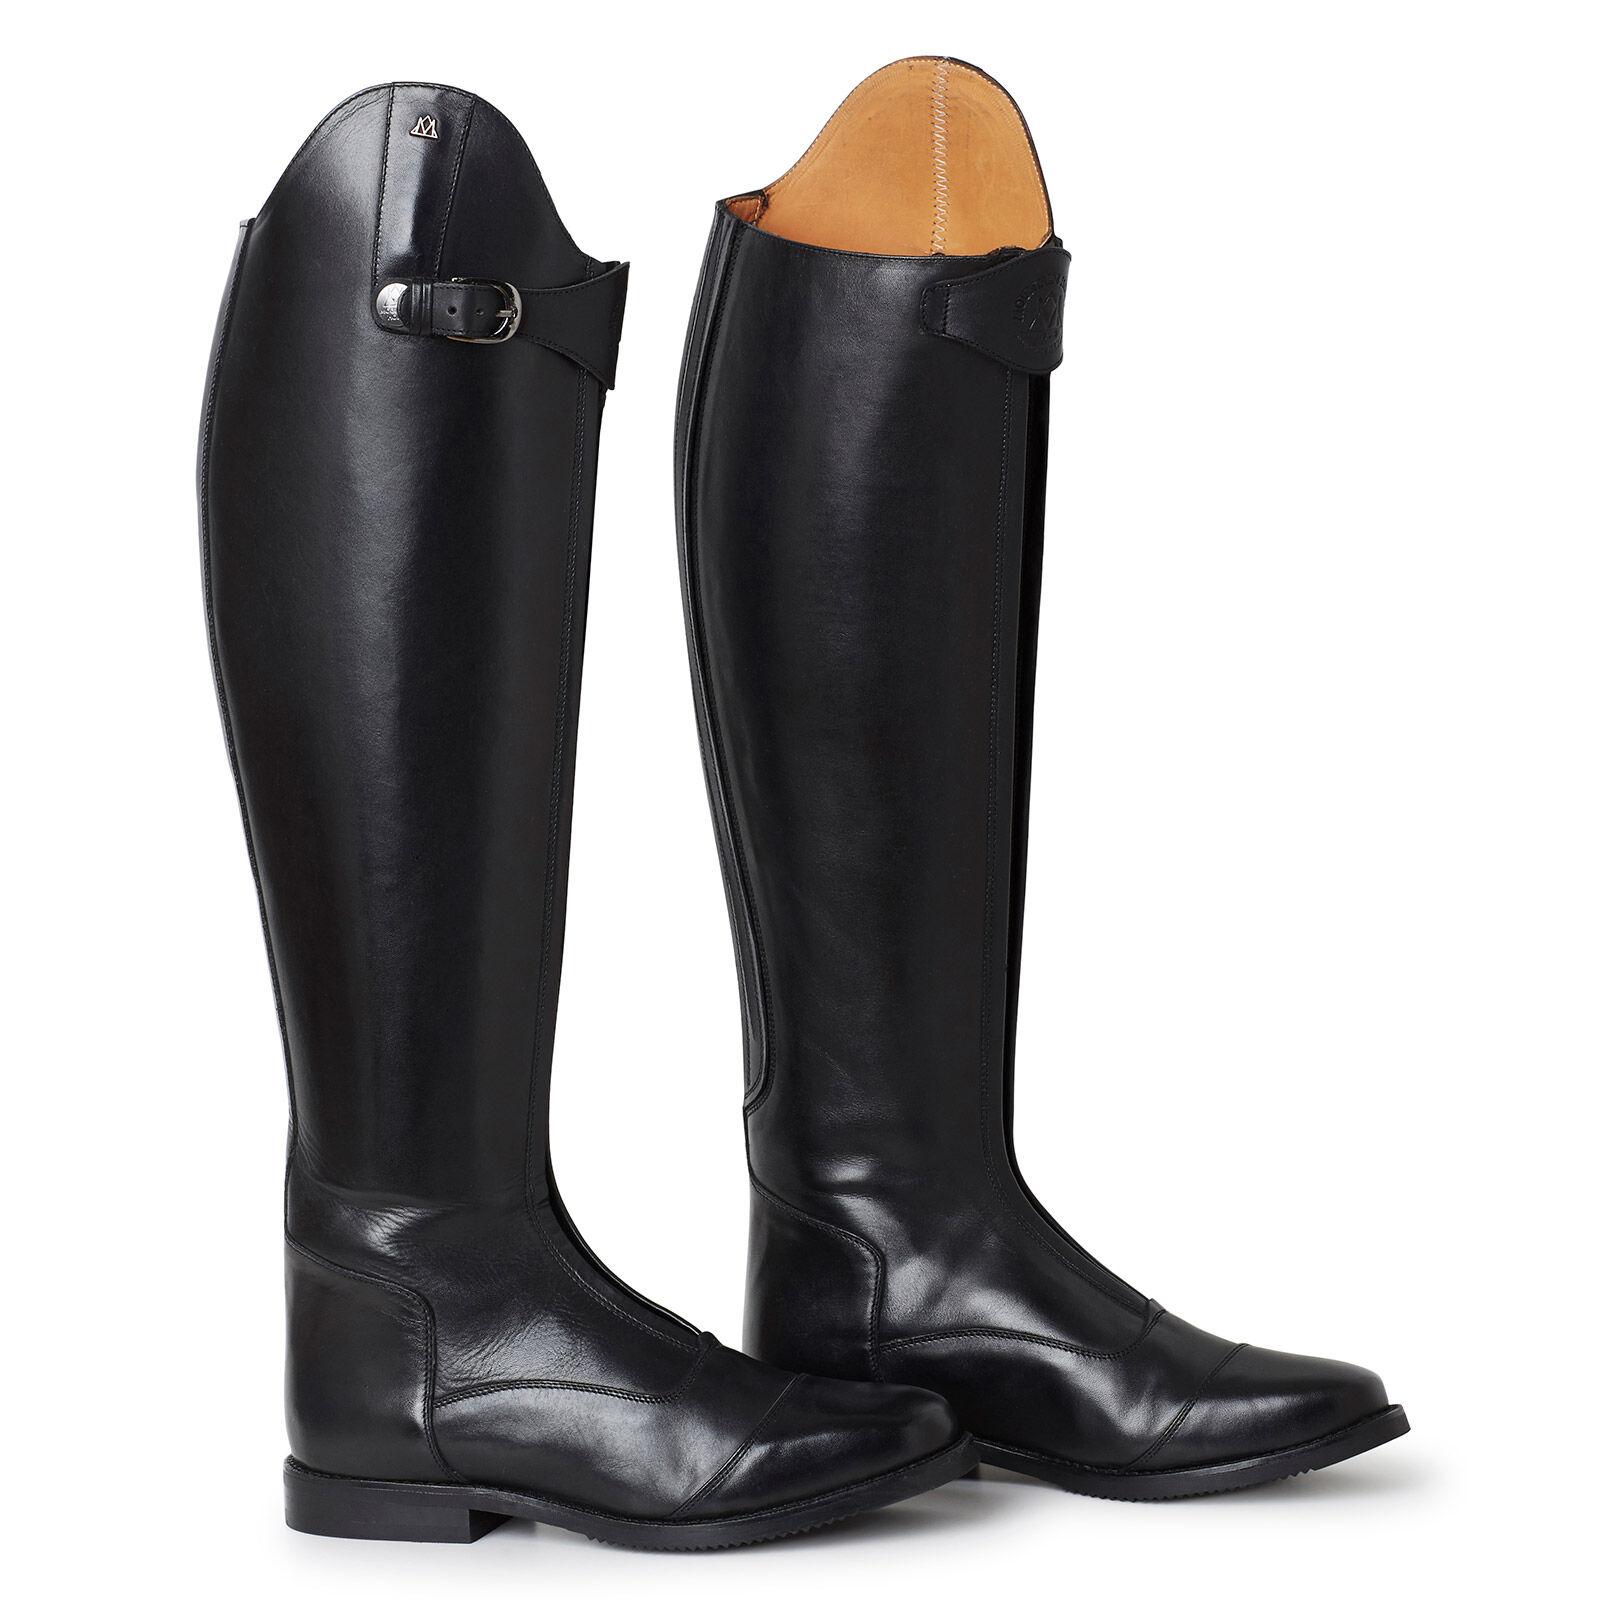 Ridstövlar av läder, mocka eller gummi, Horze ridstövlar